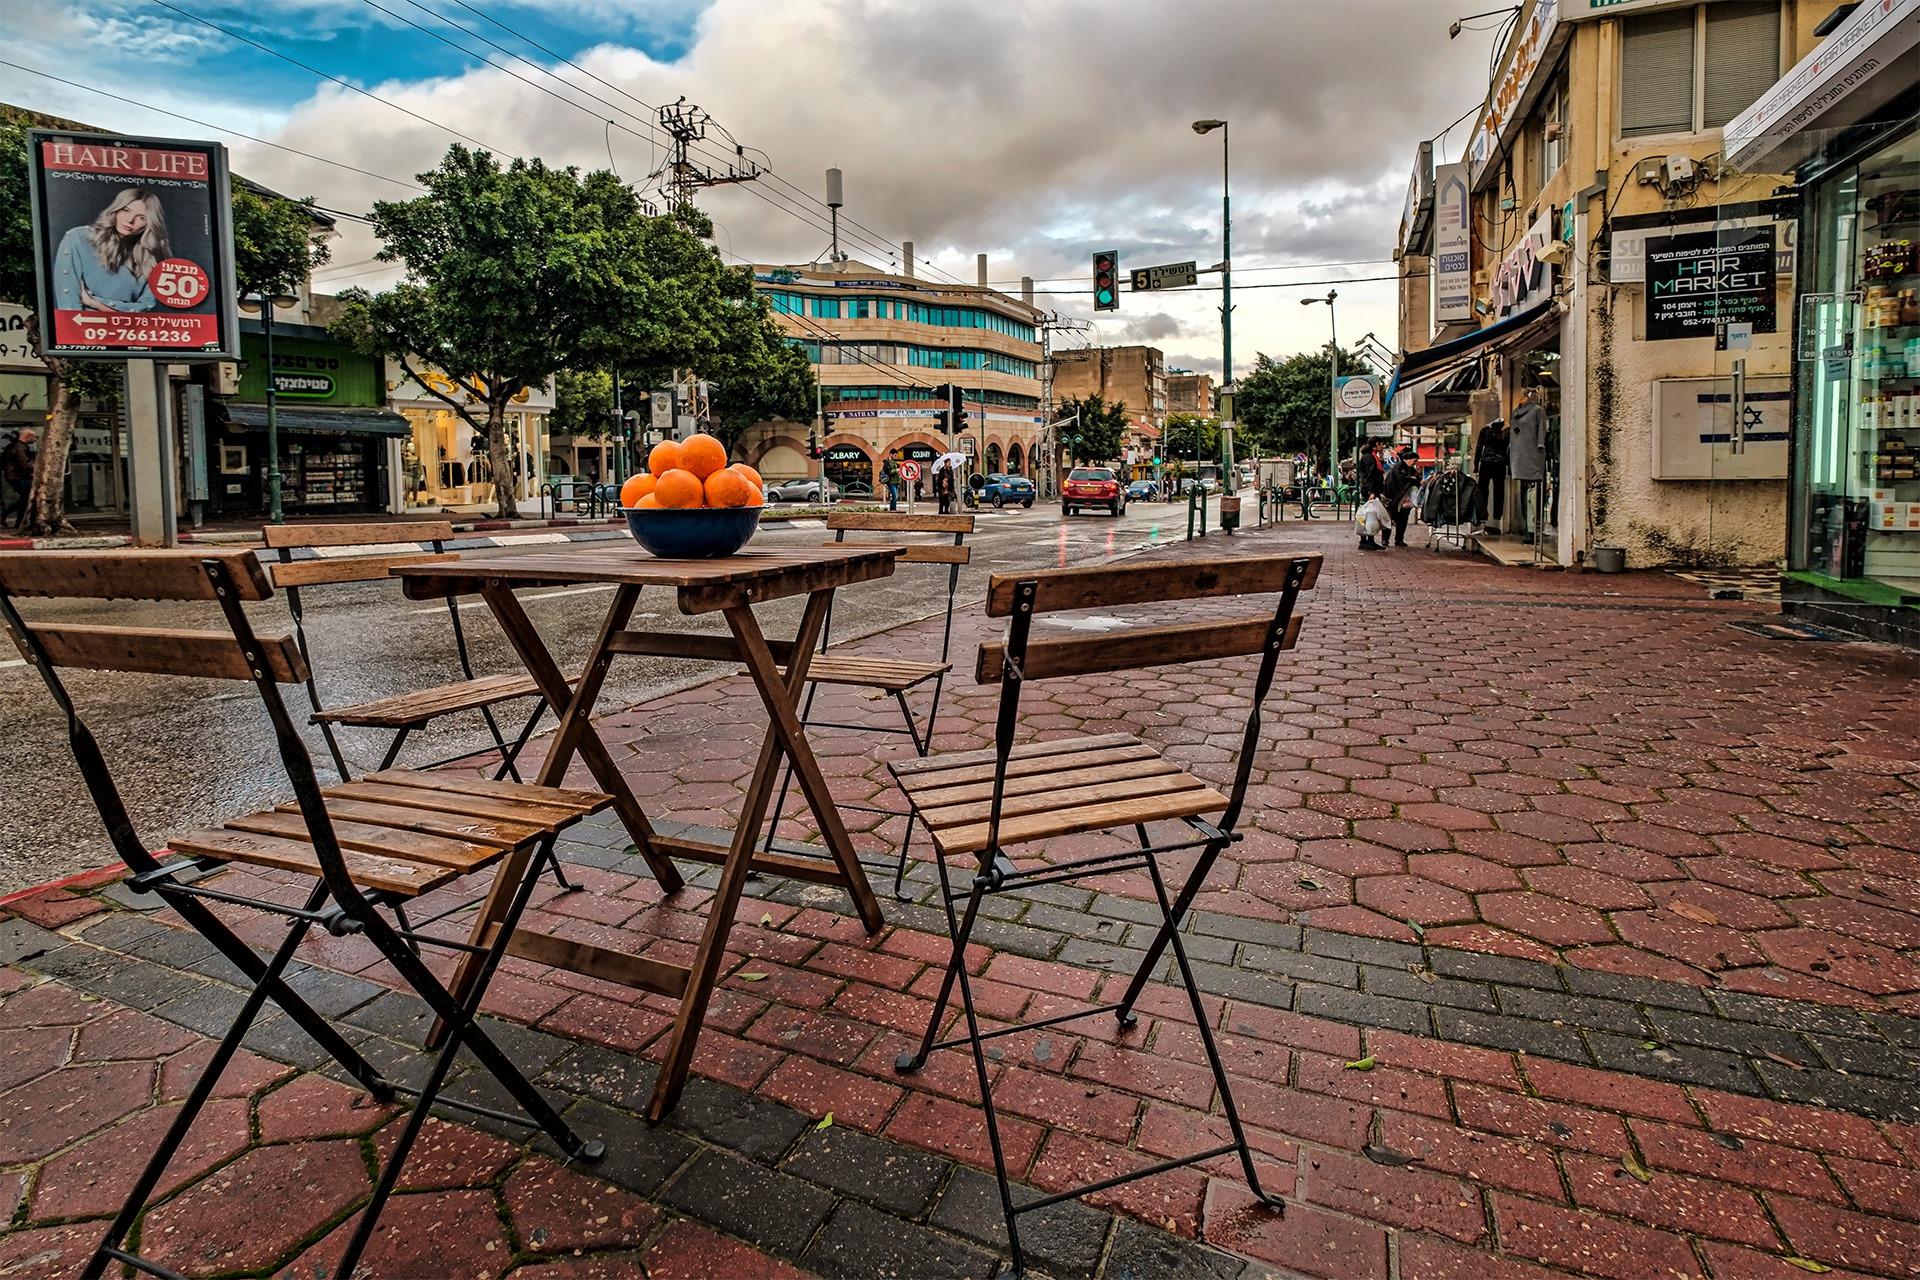 עיריית כפר סבא תאפשר לבעלי מסעדות ומתחמי מזון בעיר להוציא שולחנות וכיסאות החוצה, ללא כל חיוב